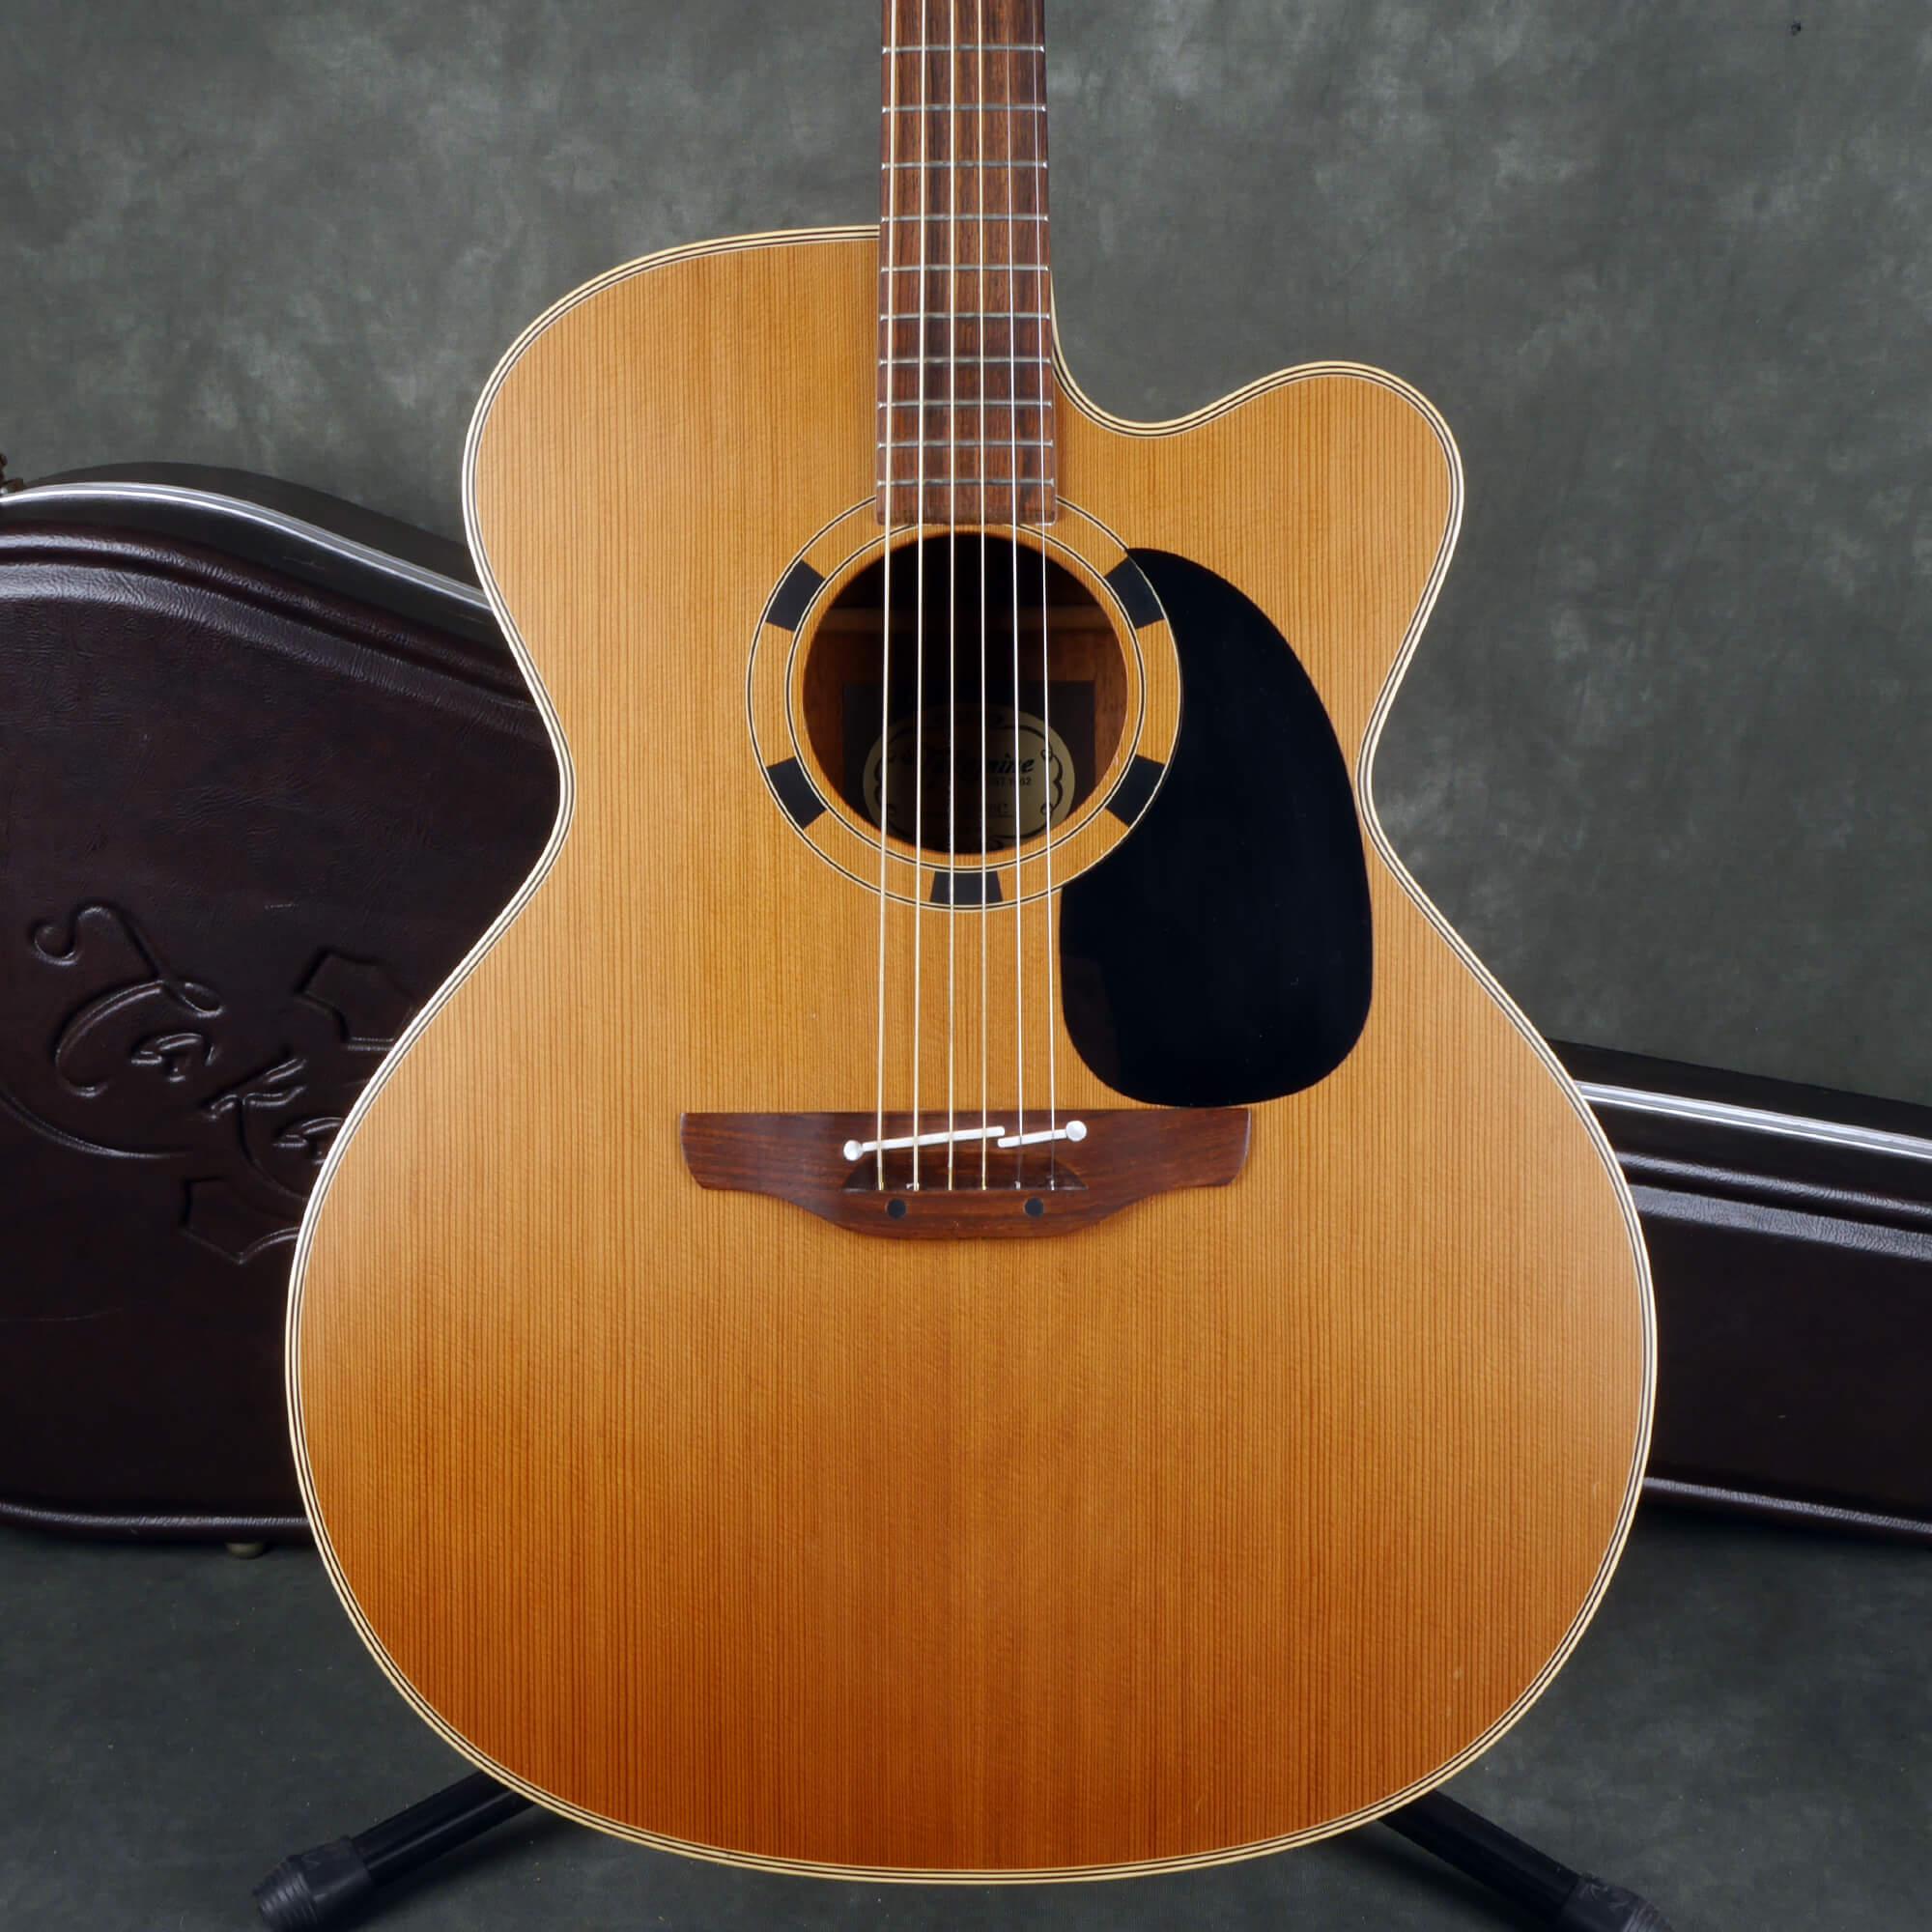 Takamine EM20C MIJ Acoustic Guitar - Natural w/Hard Case - 2nd Hand